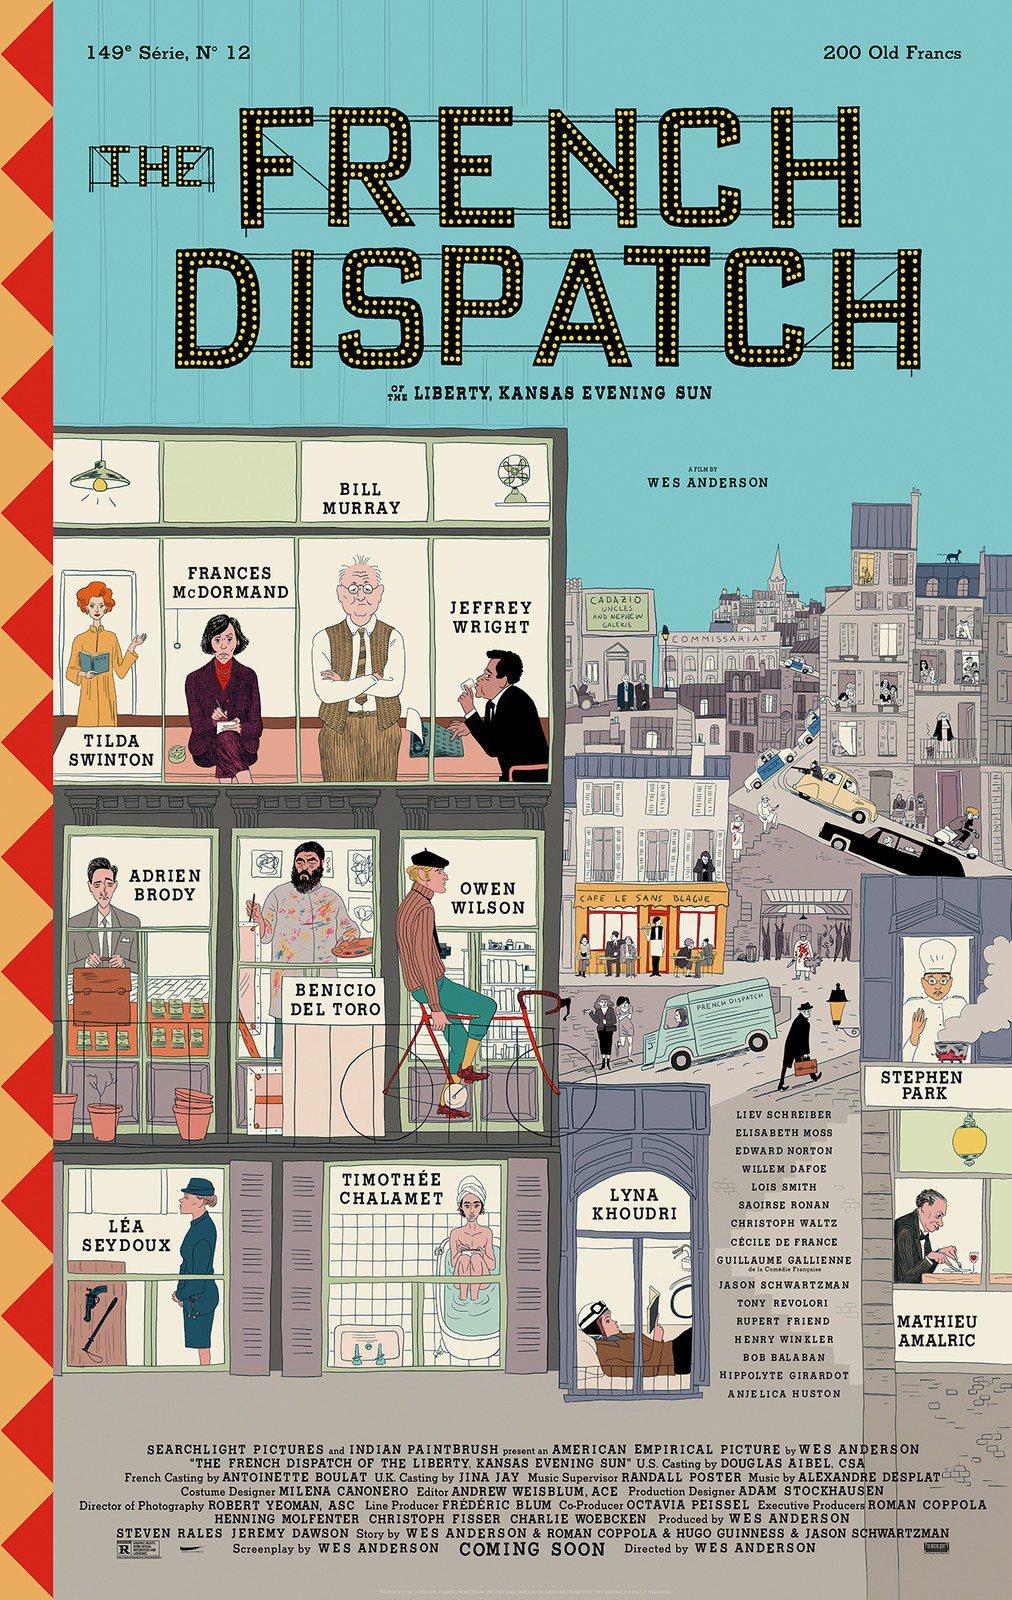 魏斯安德森的《The French Dispatch》是熱愛法國文化的魏斯安德森...